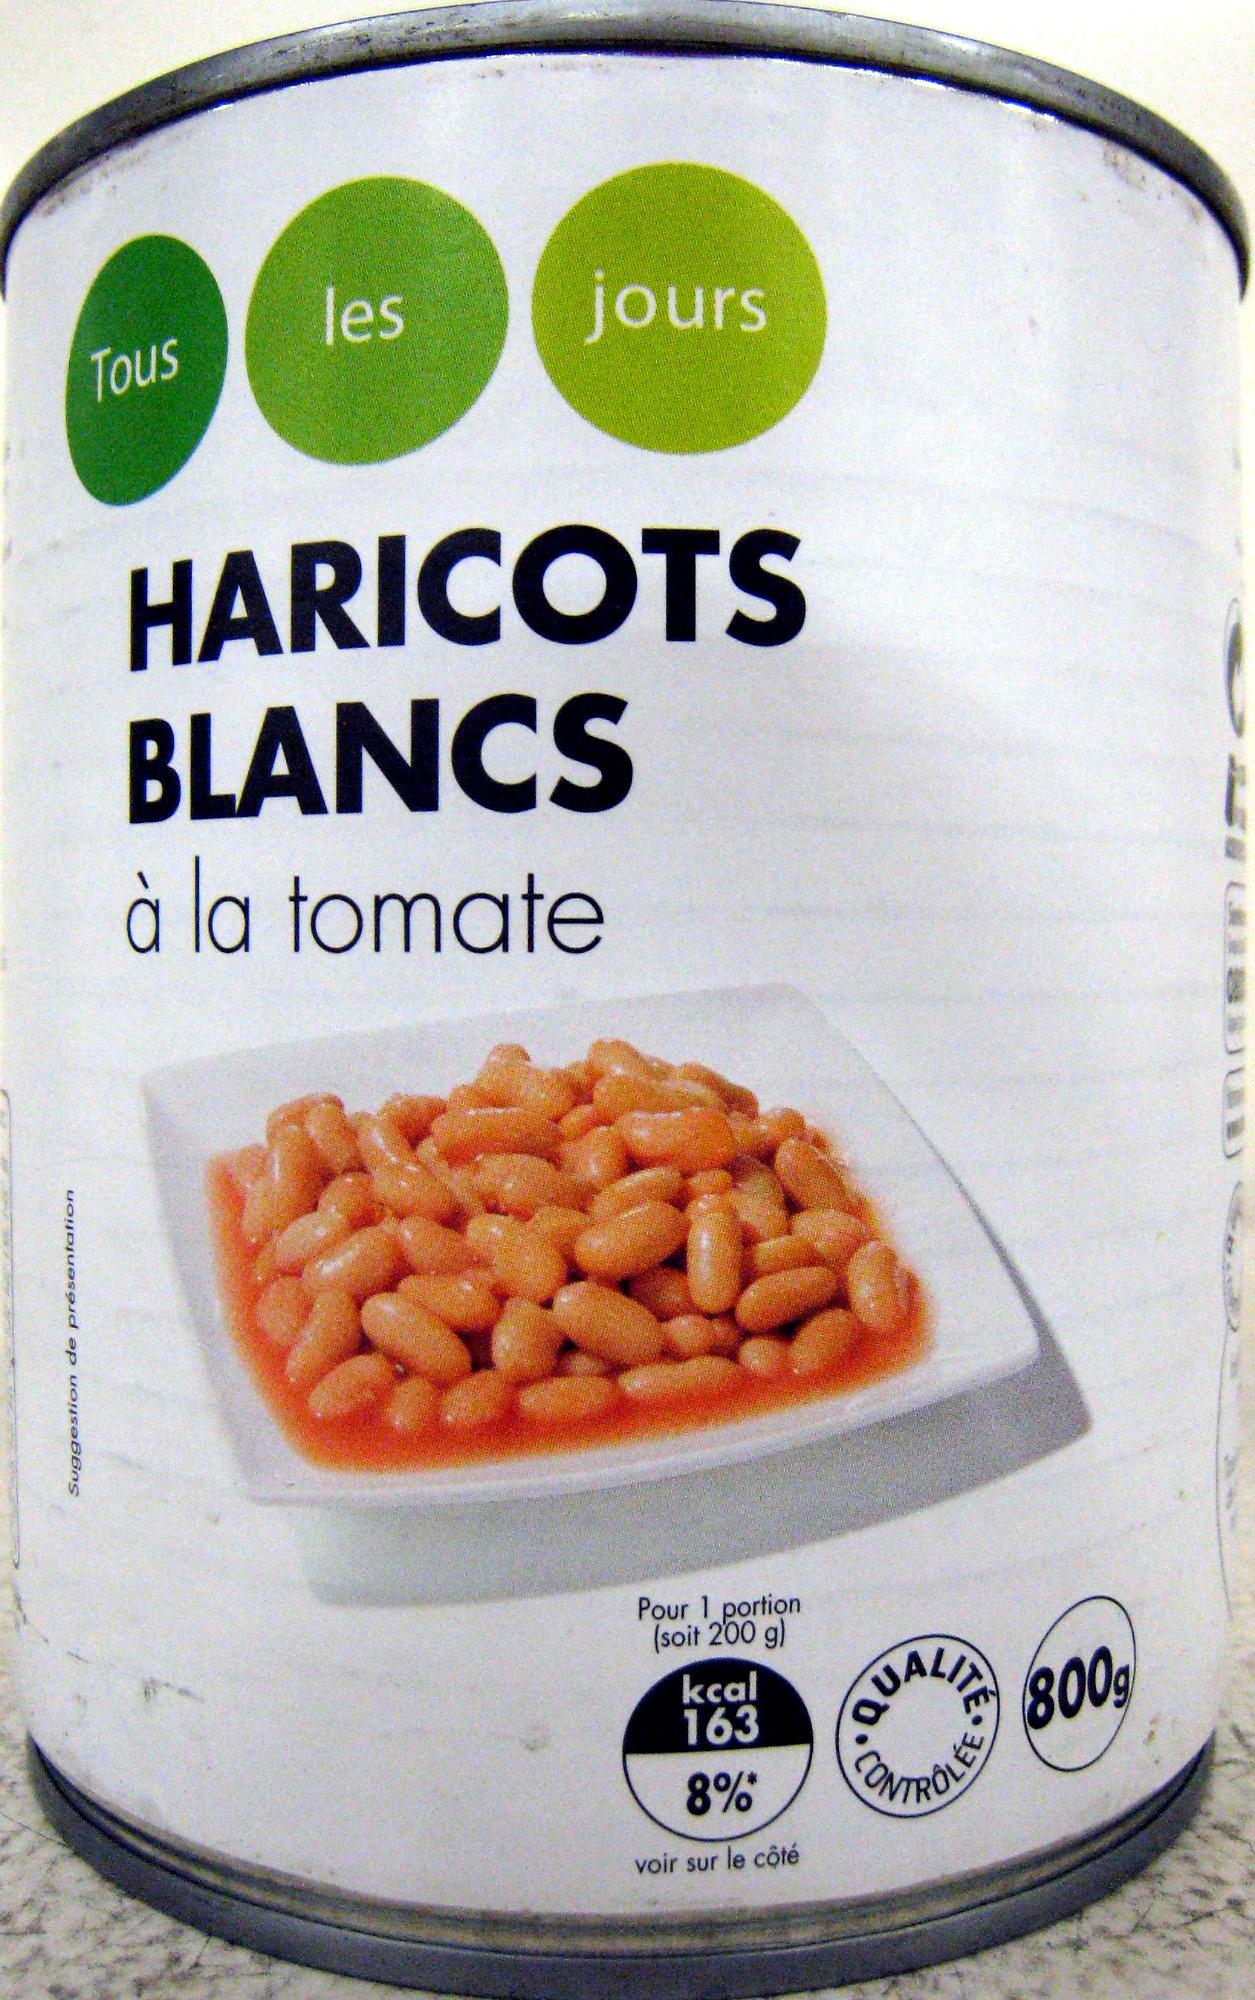 Haricots blancs à la tomate - Product